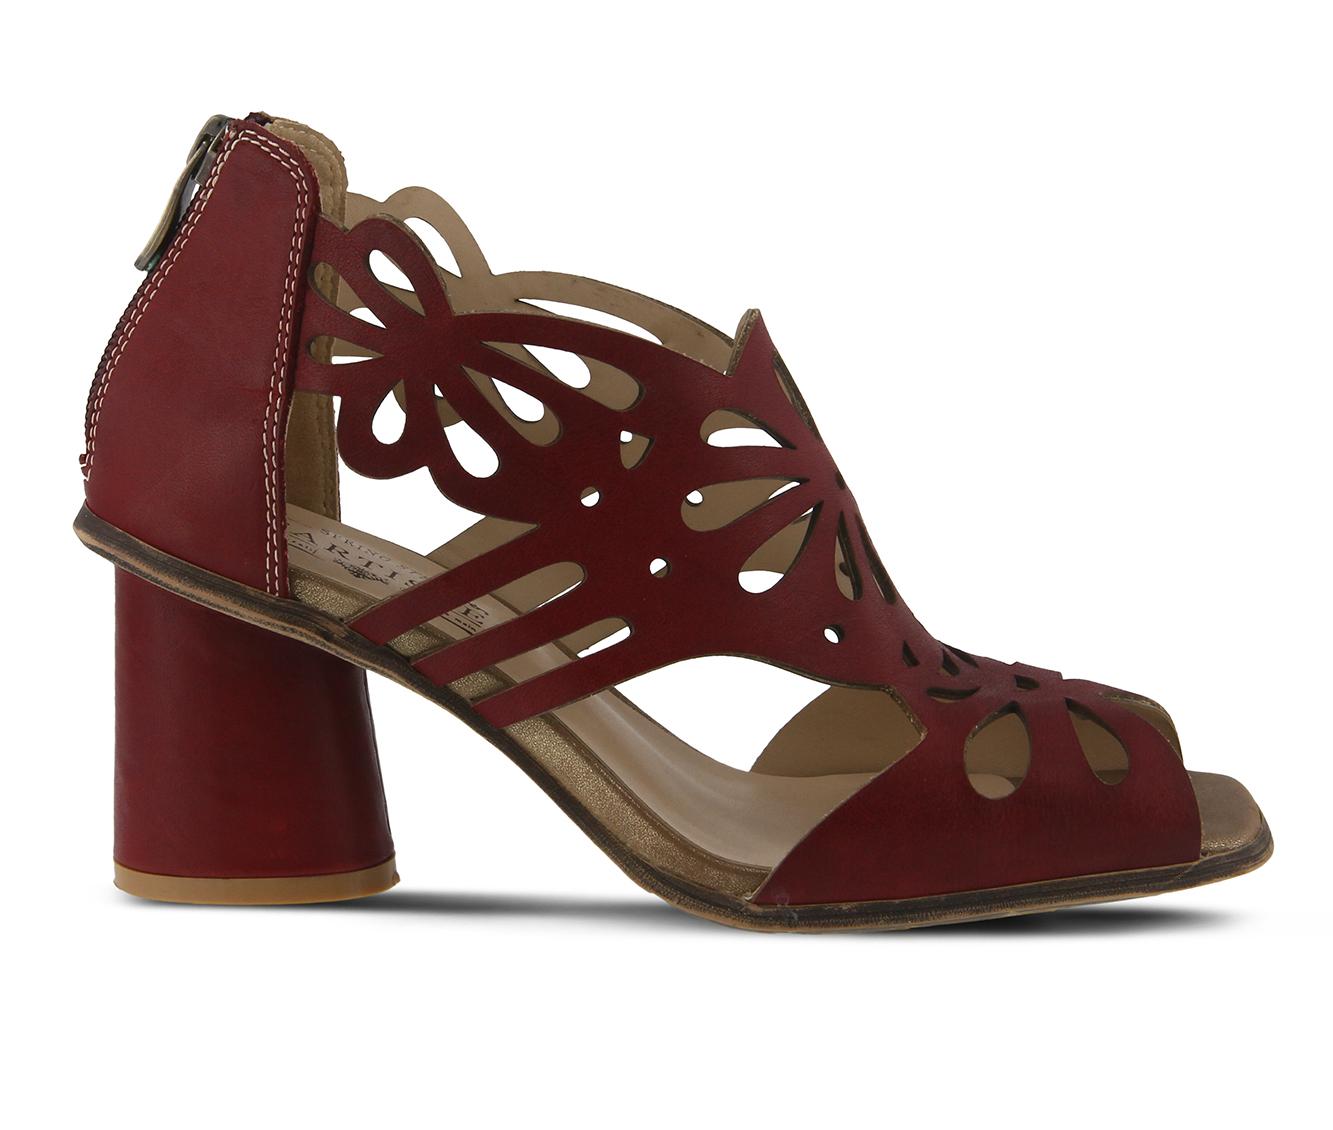 L'Artiste Flamenco Women's Dress Shoe (Red Leather)